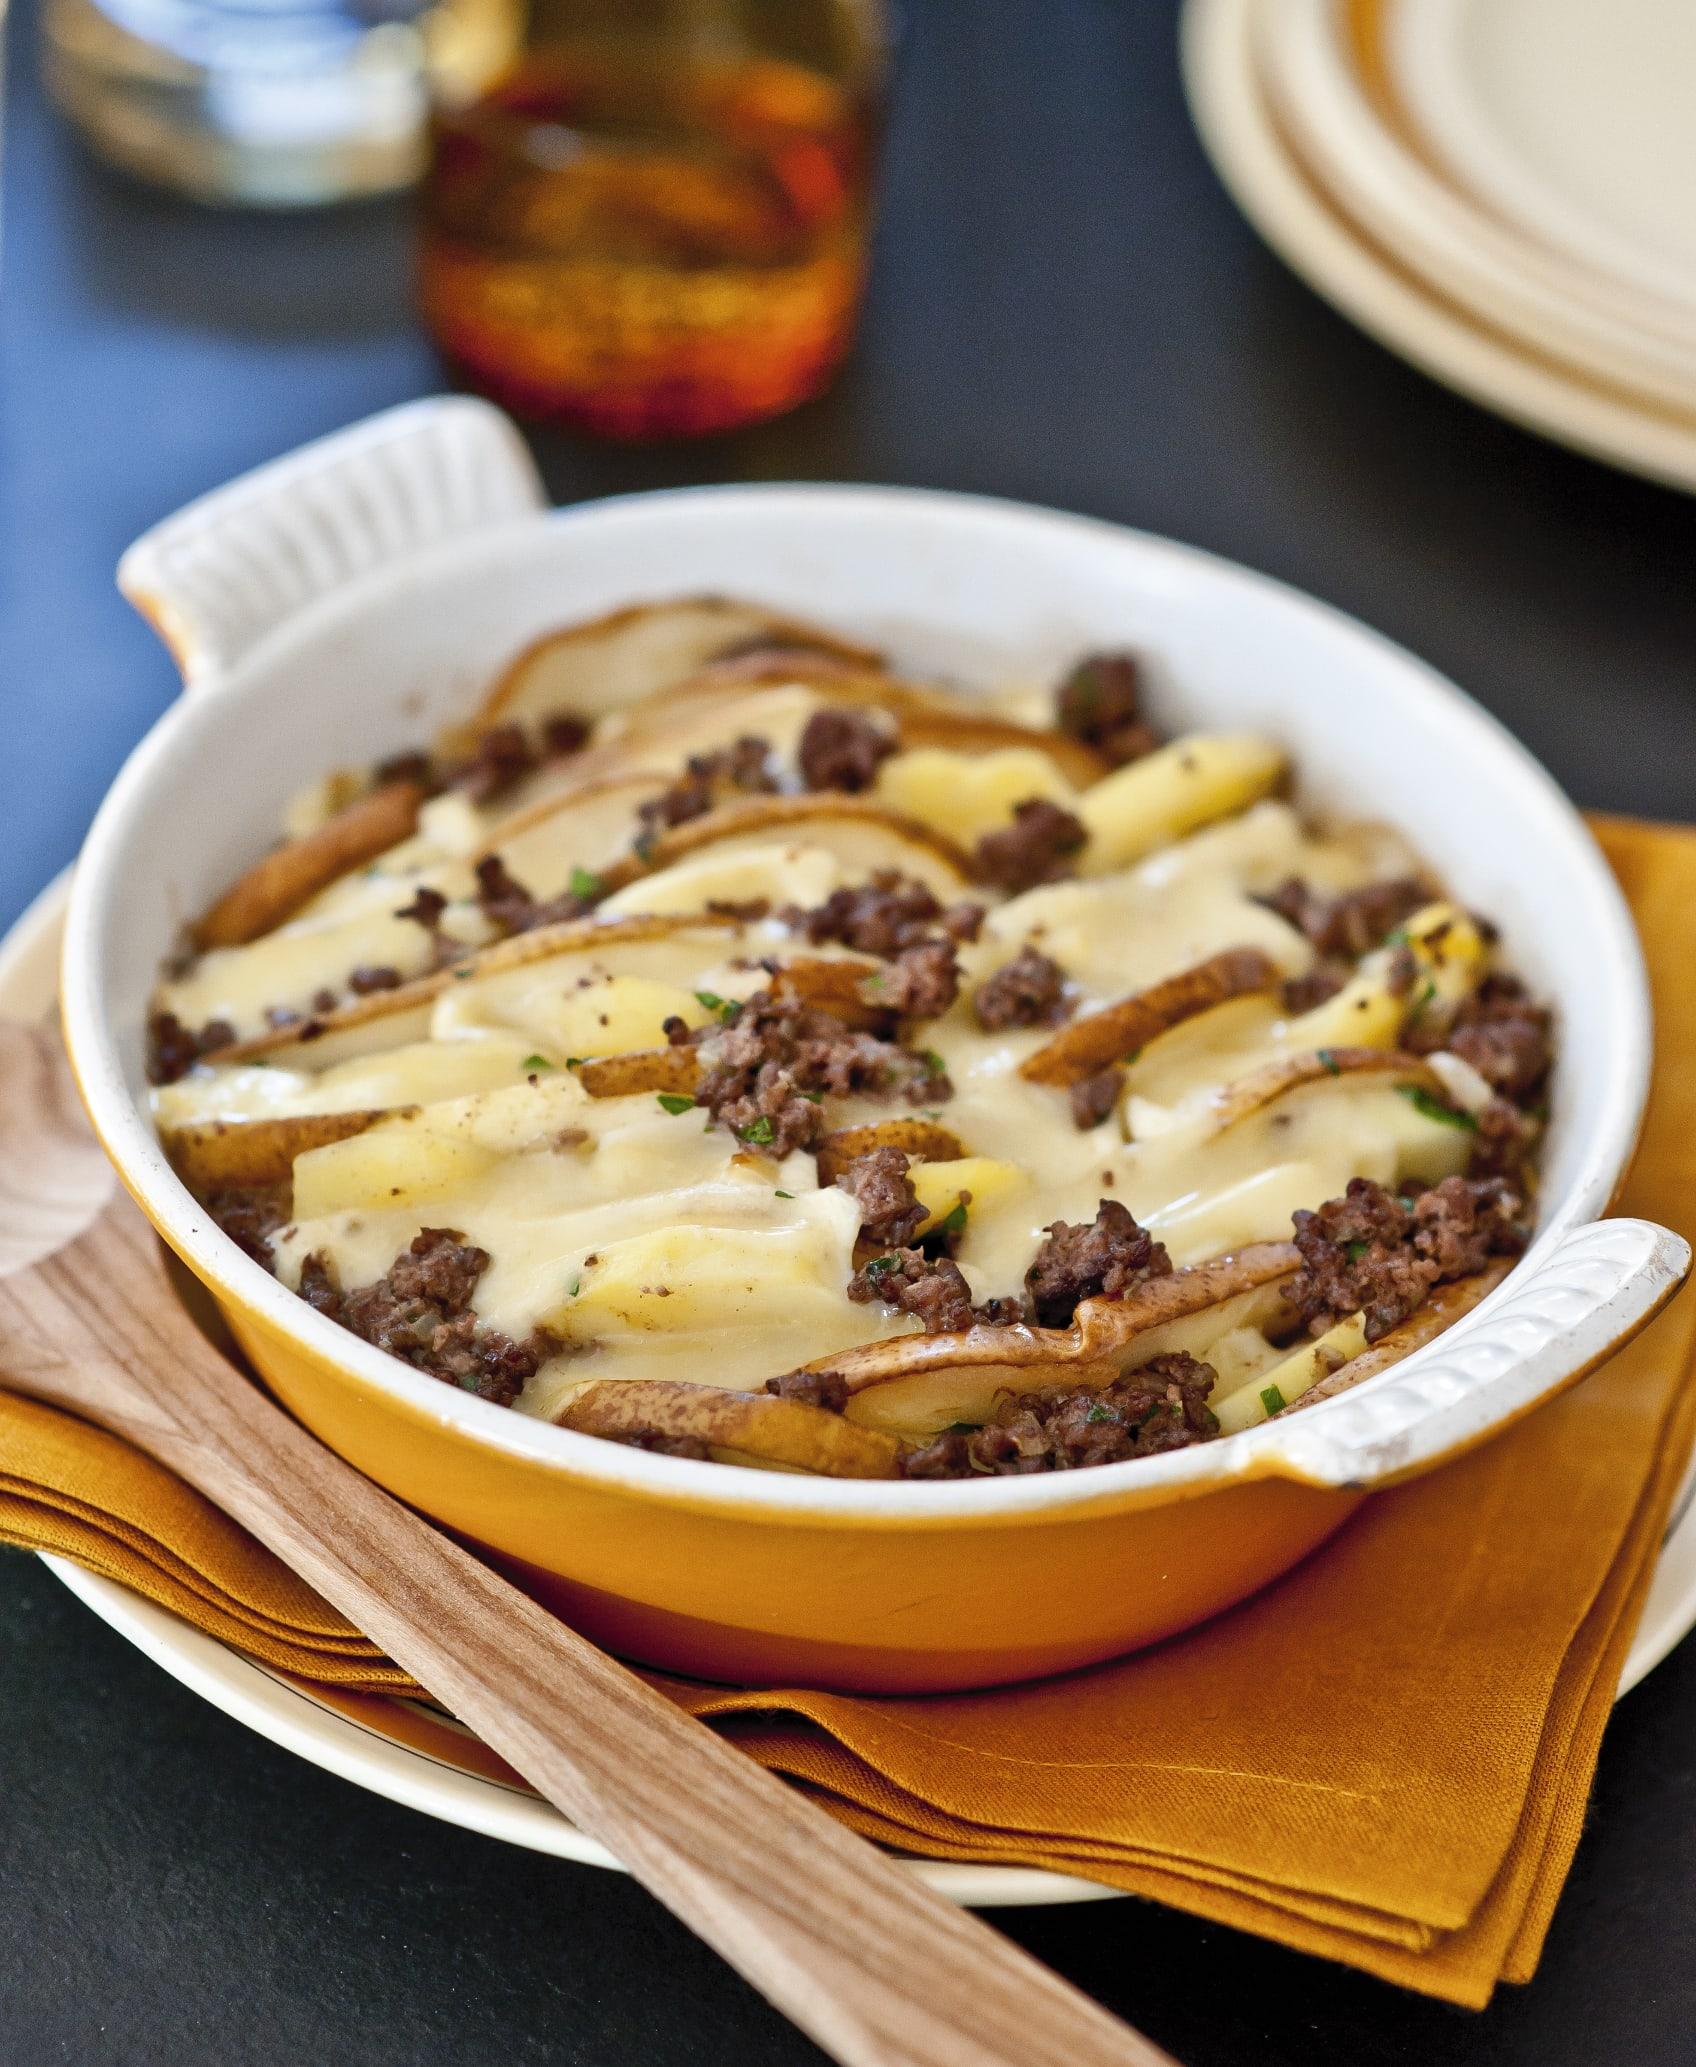 Hackfleisch-Kartoffelgratin